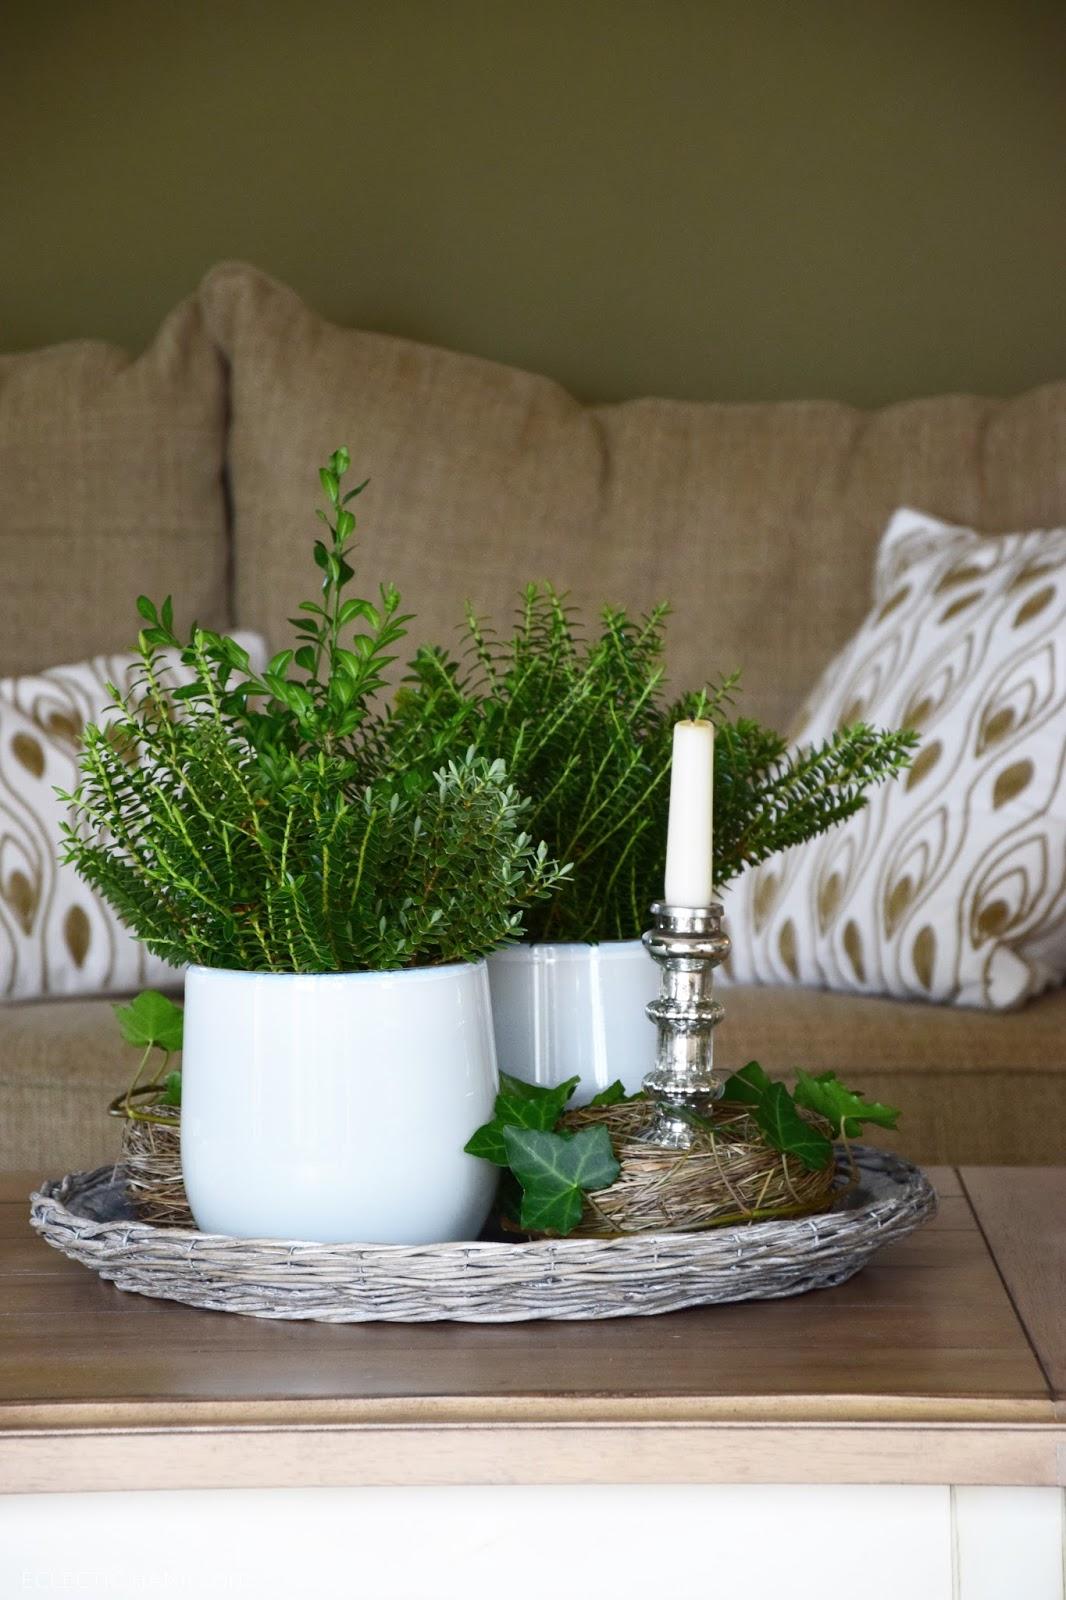 Deko für den Wohnzimmertisch. Immergrün frisch und winterlich. Winterdeko Deko Dekoration Immergrün natürlich